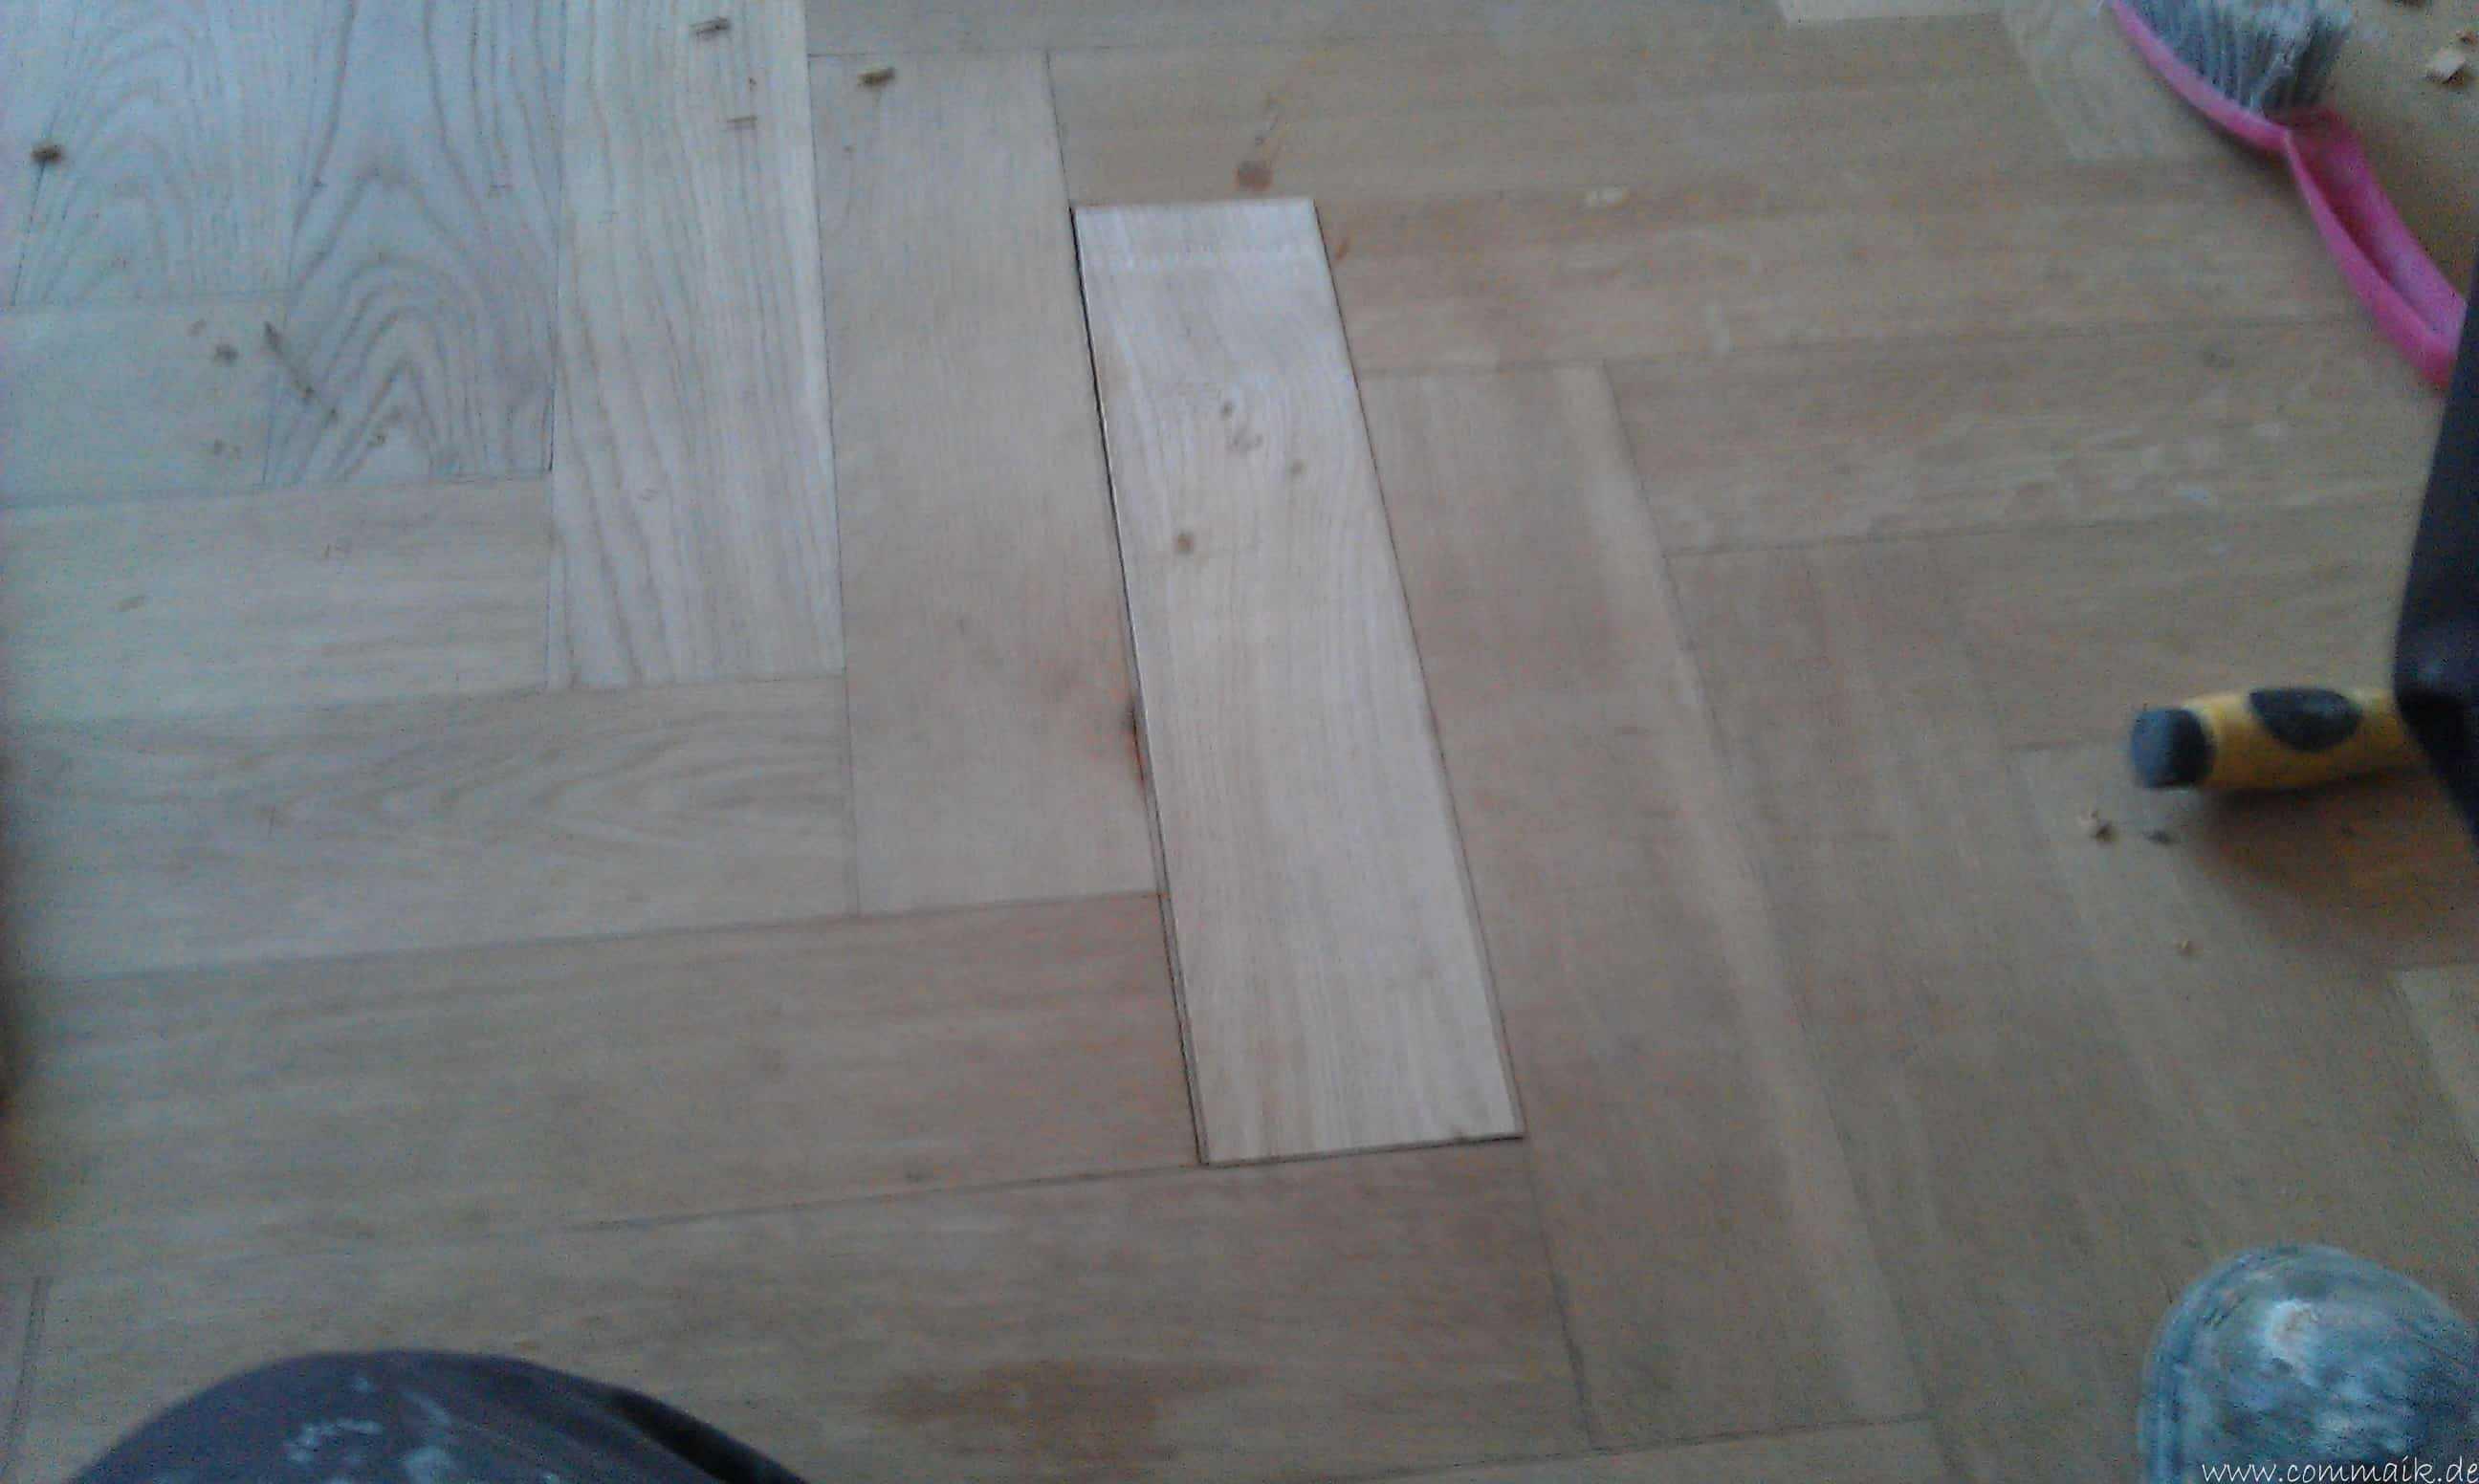 parkett eiche reparieren kratzer im parkett entfernen so. Black Bedroom Furniture Sets. Home Design Ideas